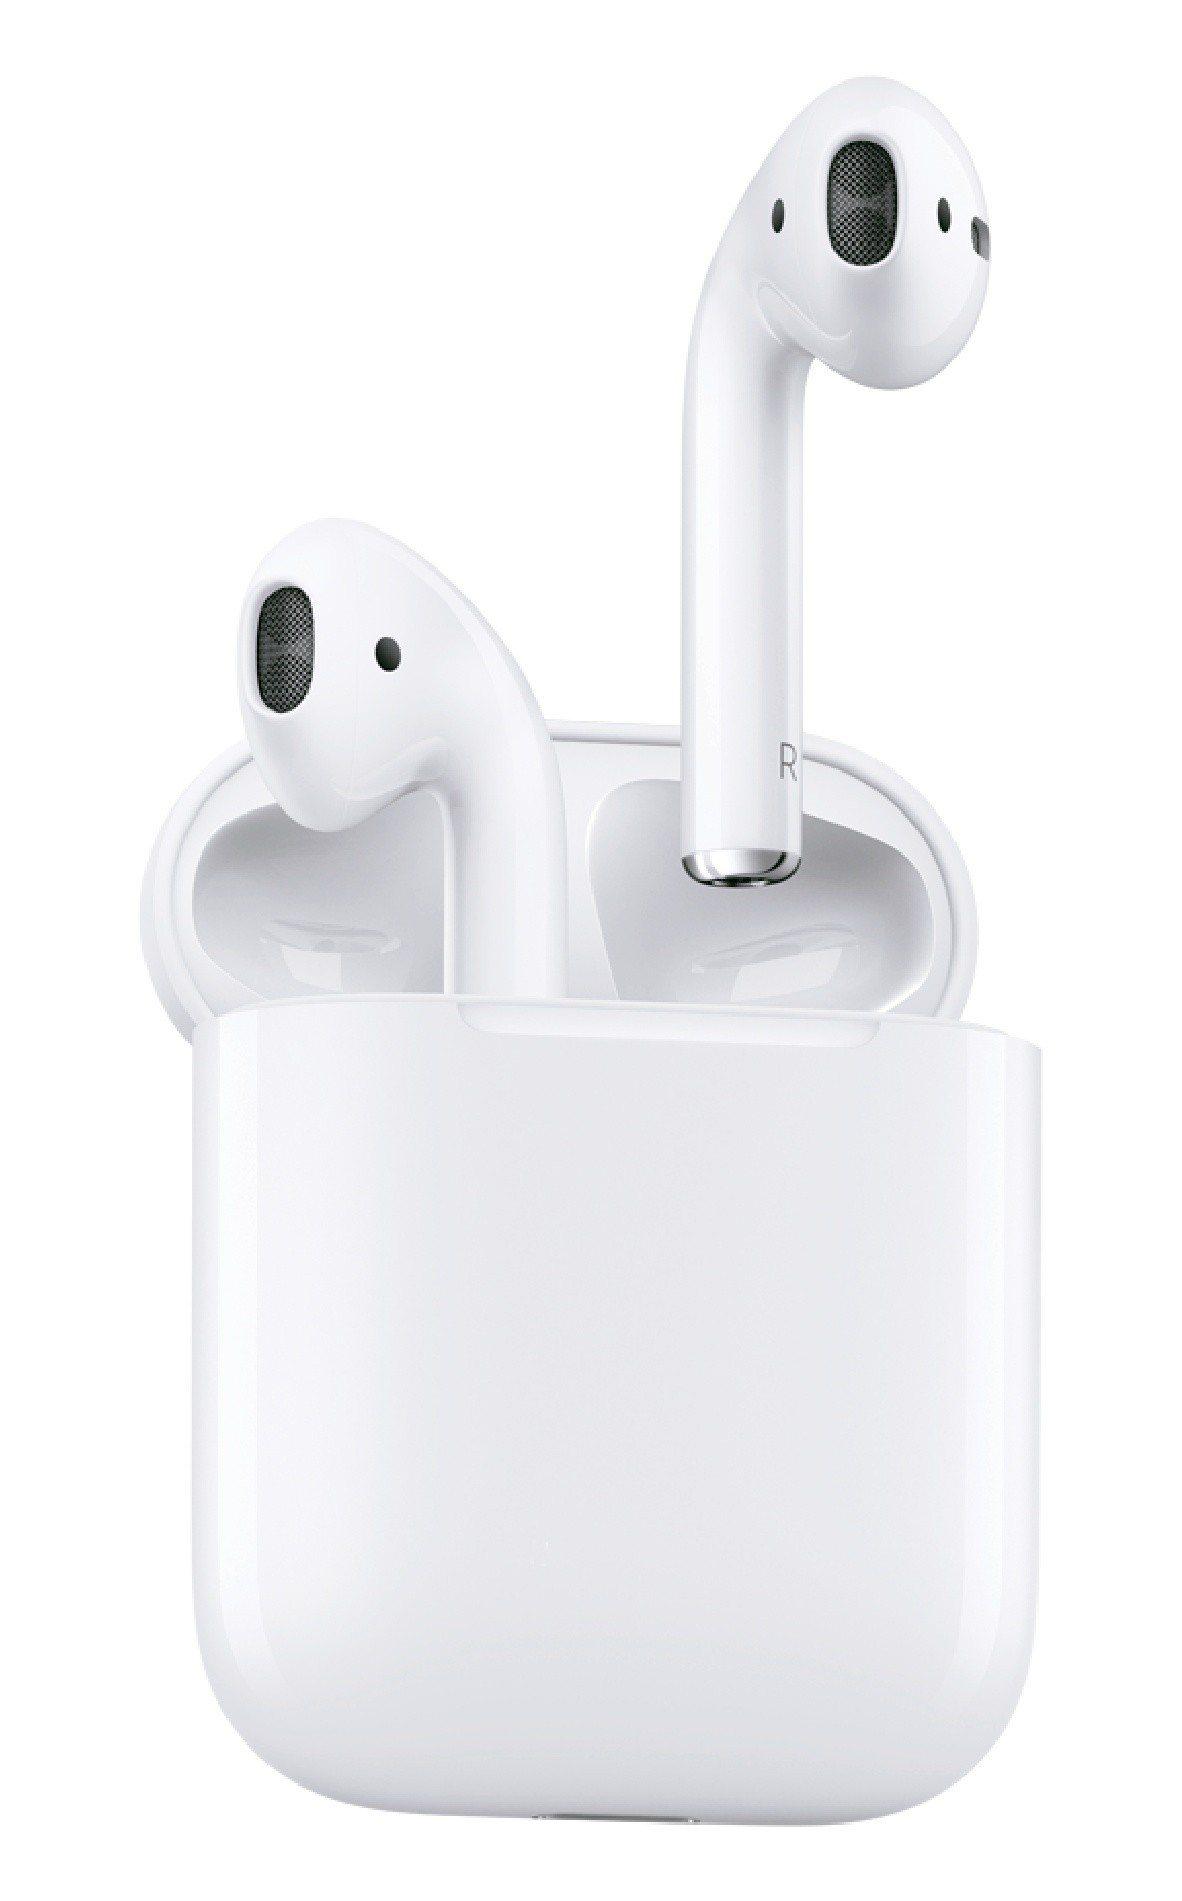 AirPods今年連續半年奪得燦坤耳機銷售冠軍,也與Apple Watch並列為...